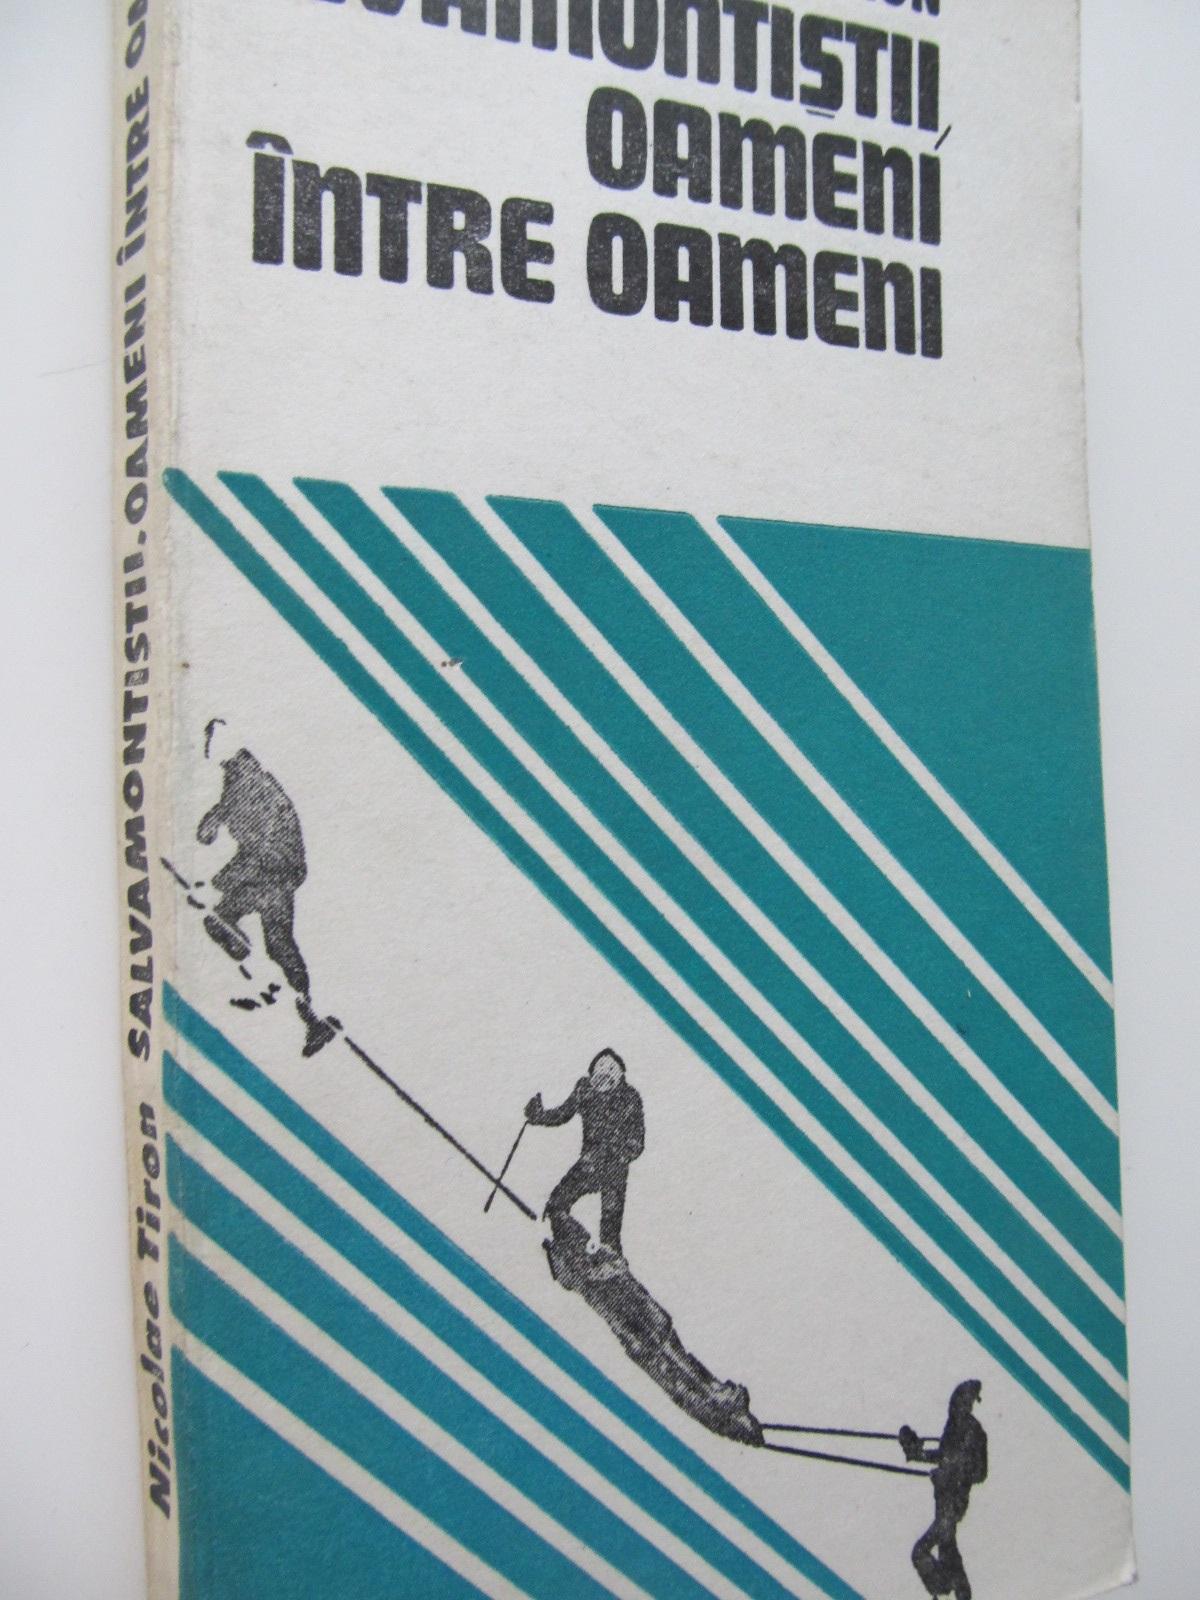 Salvamontistii oameni intre oameni - Nicolae Tiron | Detalii carte